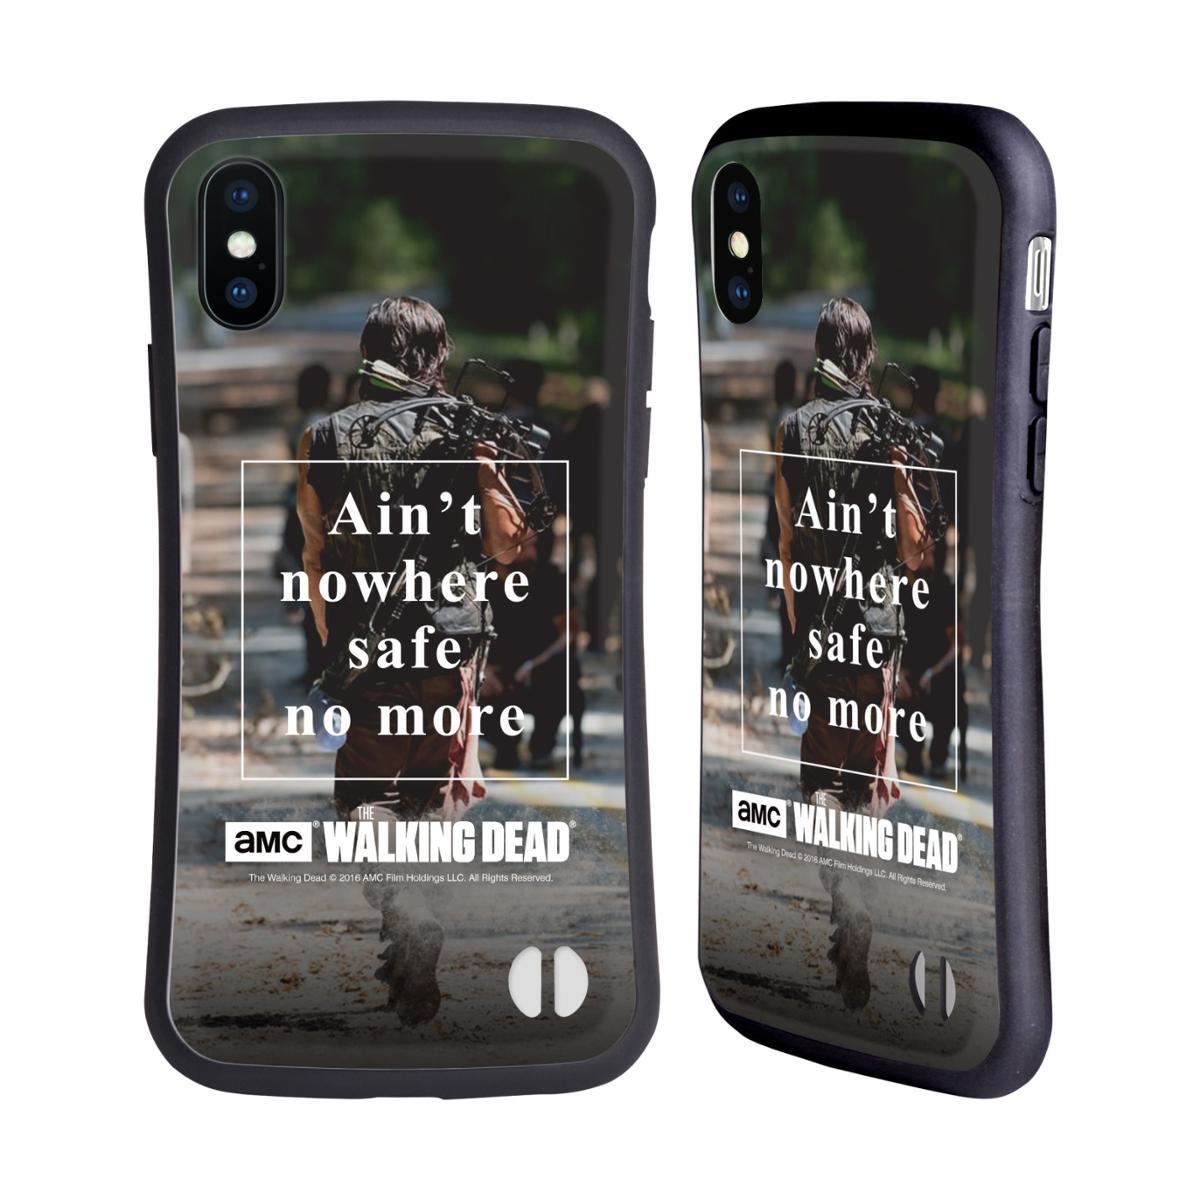 スマートフォン・携帯電話用アクセサリー, ケース・カバー  AMC THE WALKING DEAD APPLE IPHONES